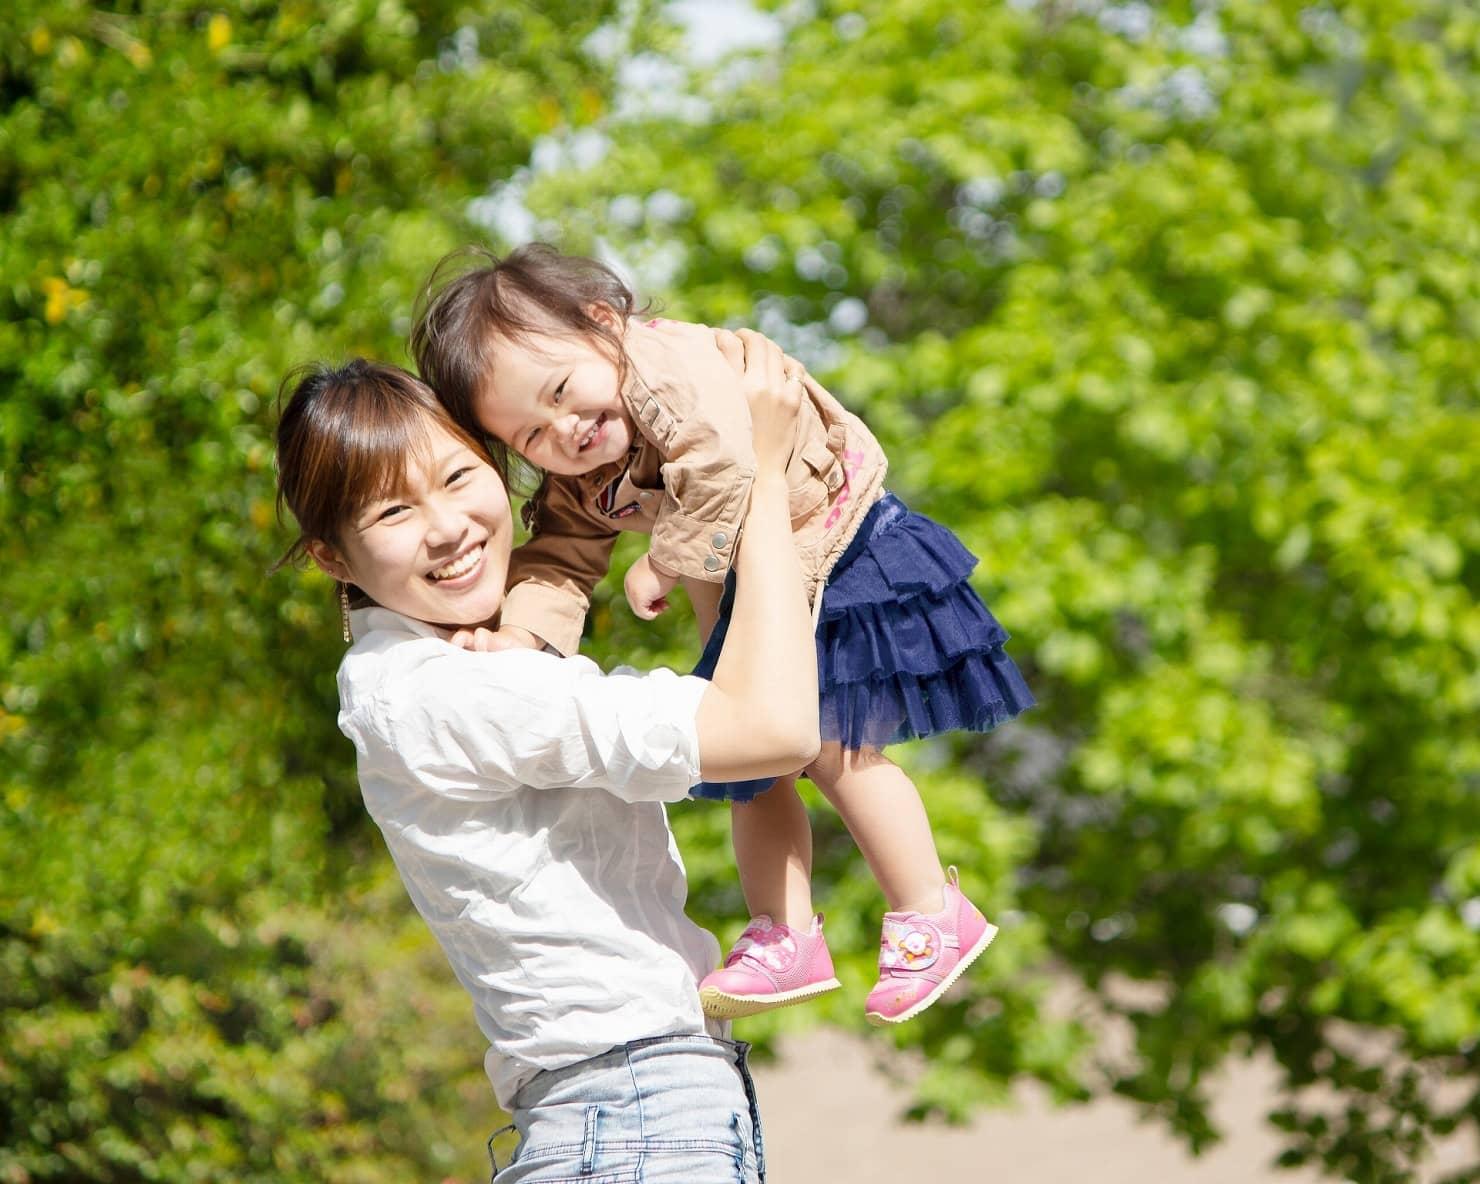 1歳6ヶ月~2歳の子供をもつママの悩み事を解決!1歳6ヶ月健診、言葉、体重など成長の心配まで